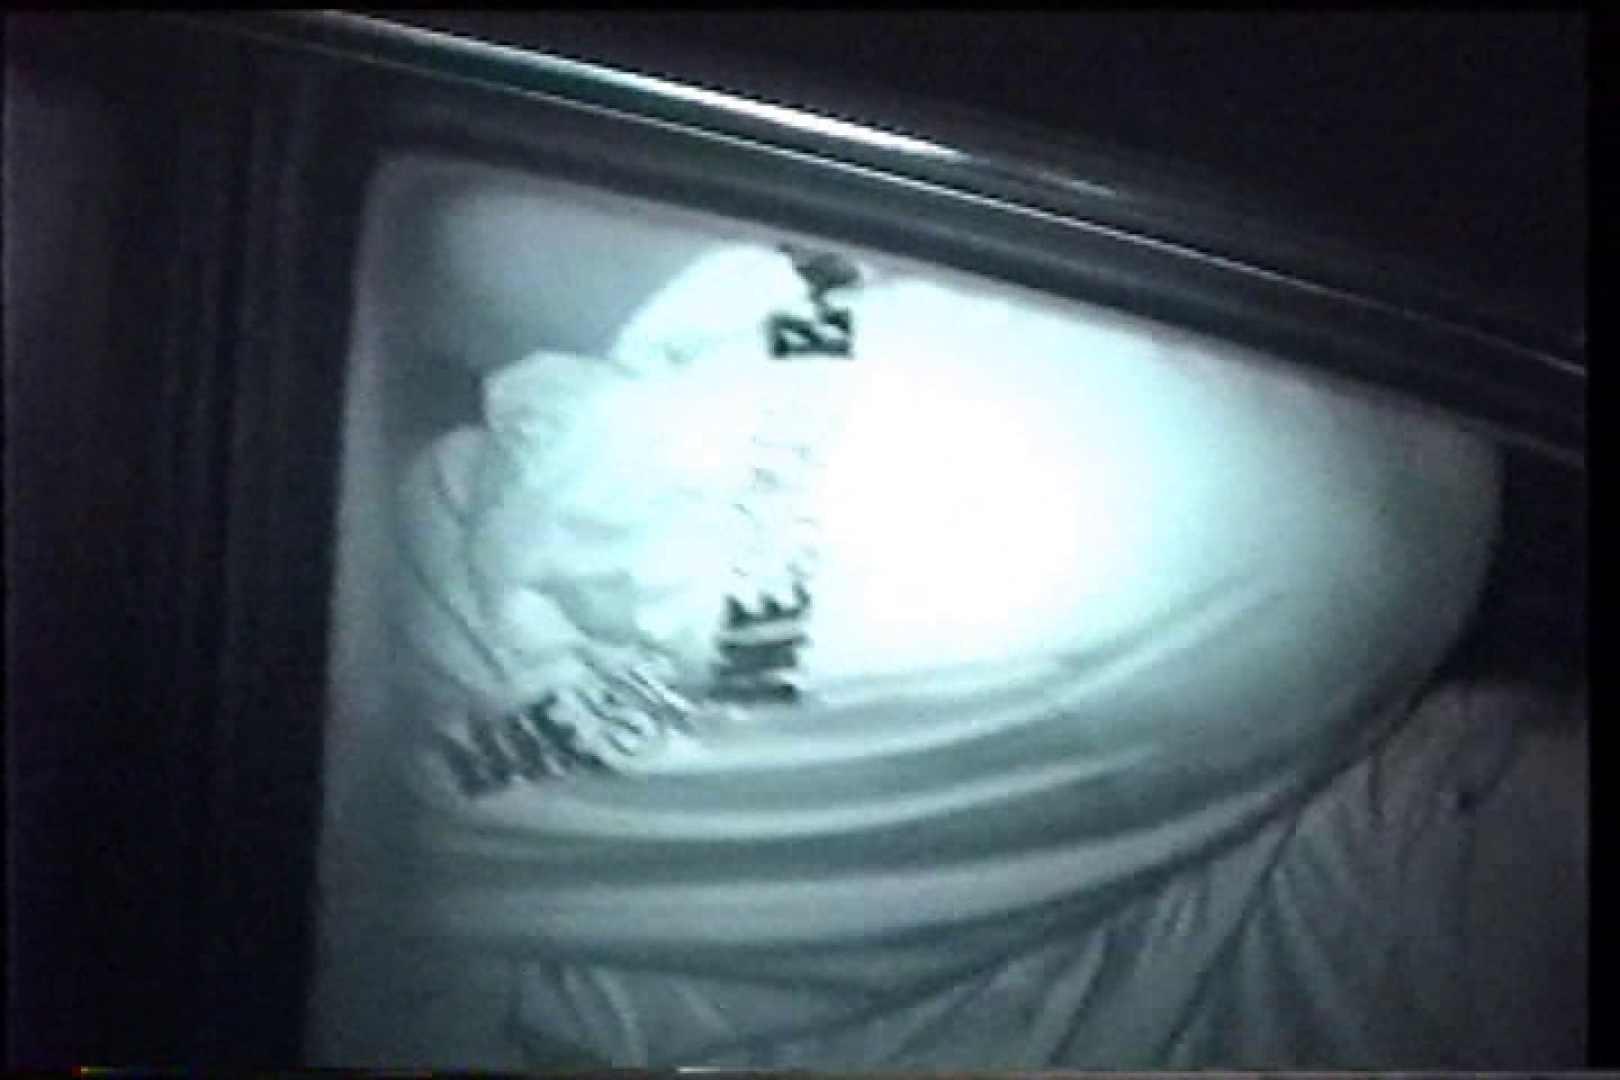 充血監督の深夜の運動会Vol.228 美乳   OLエロ画像  72PICs 55